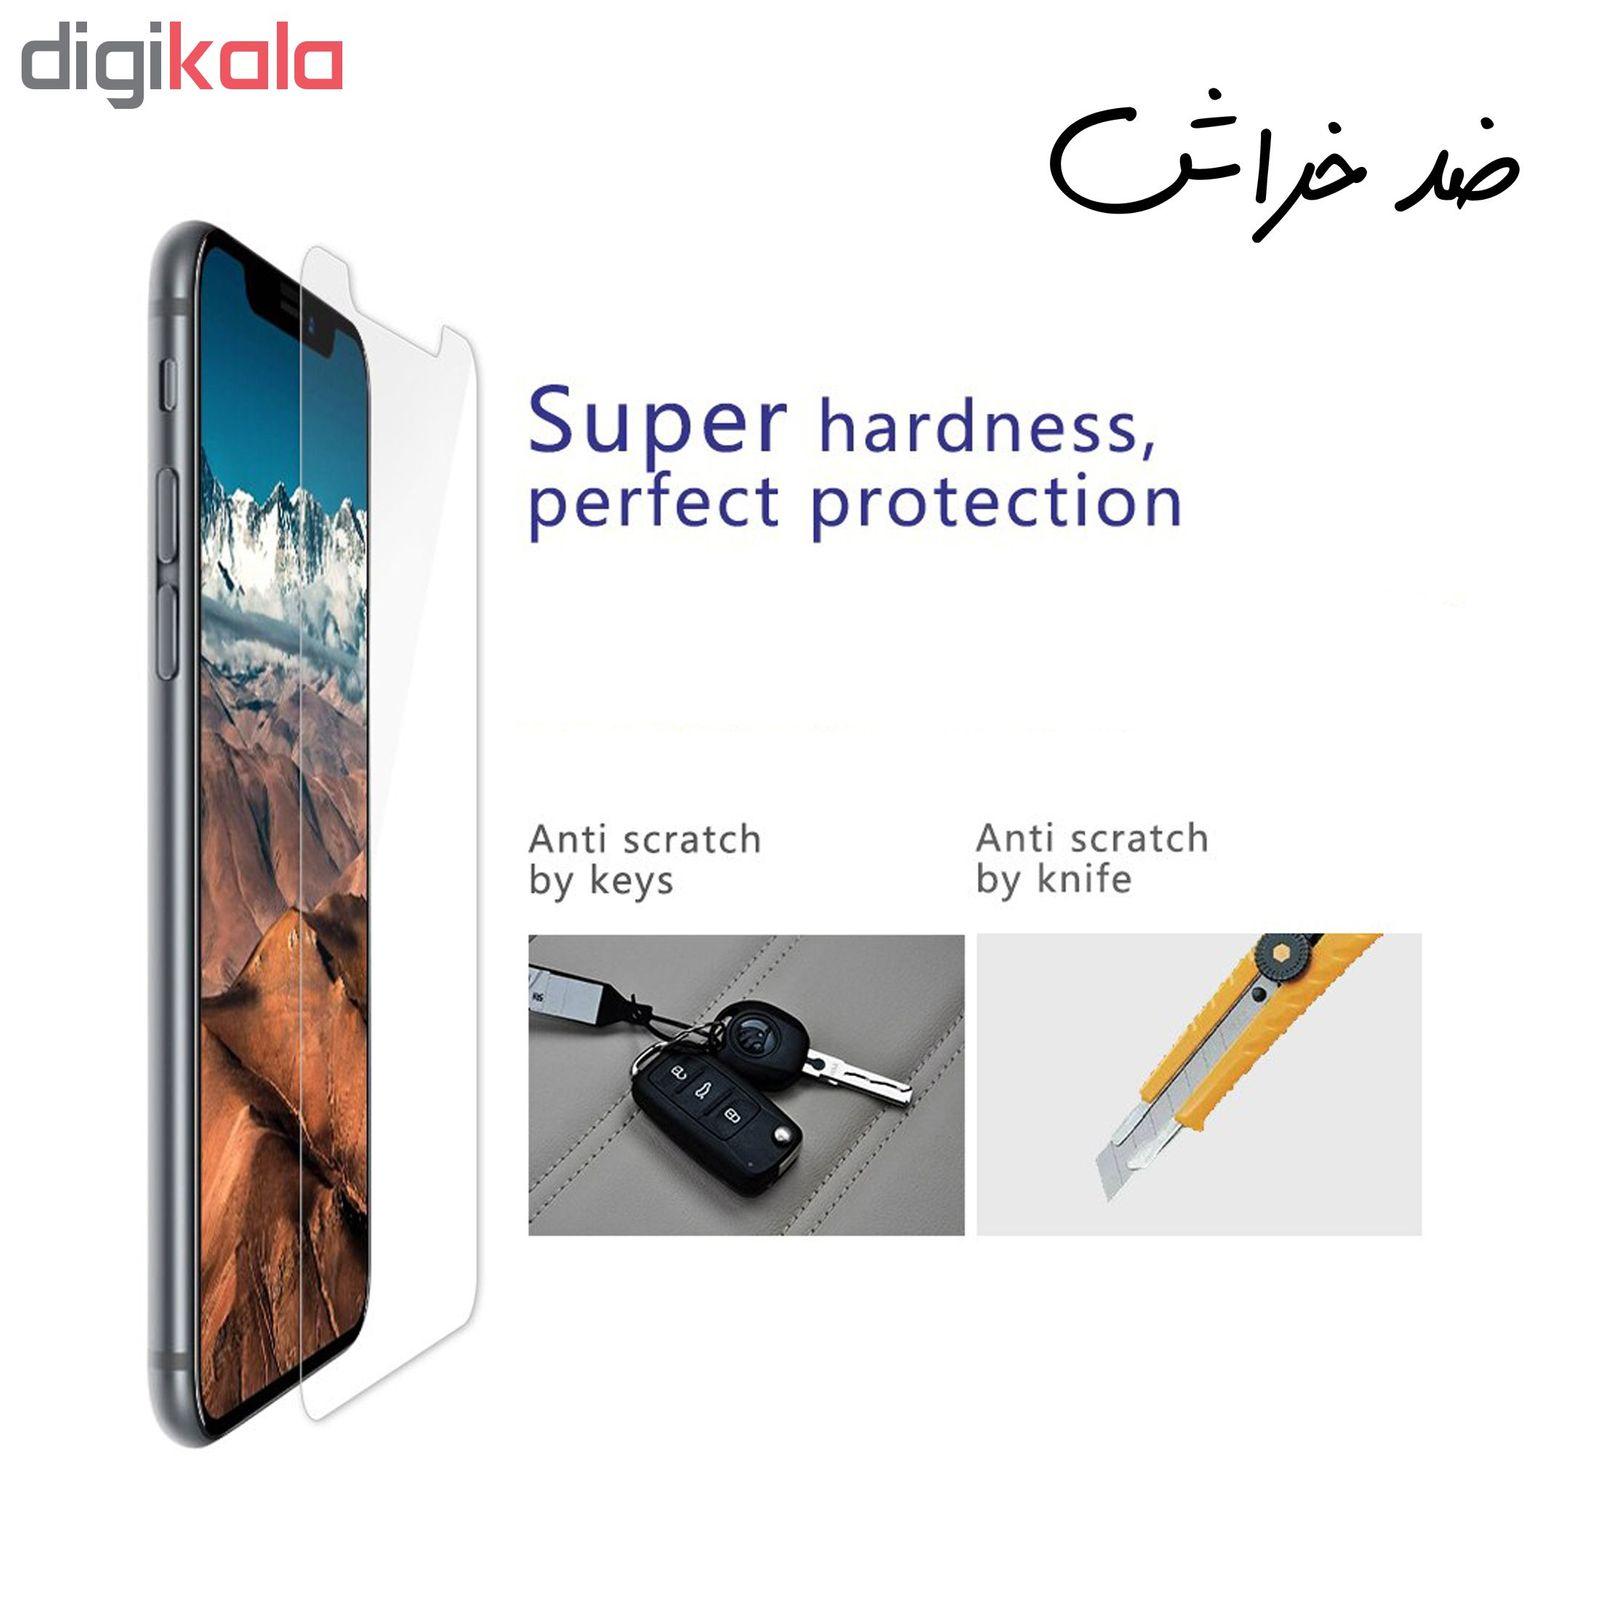 محافظ صفحه نمایش Hard and thick مدل F-001 مناسب برای گوشی موبایل سامسونگ Galaxy Note 8 main 1 4